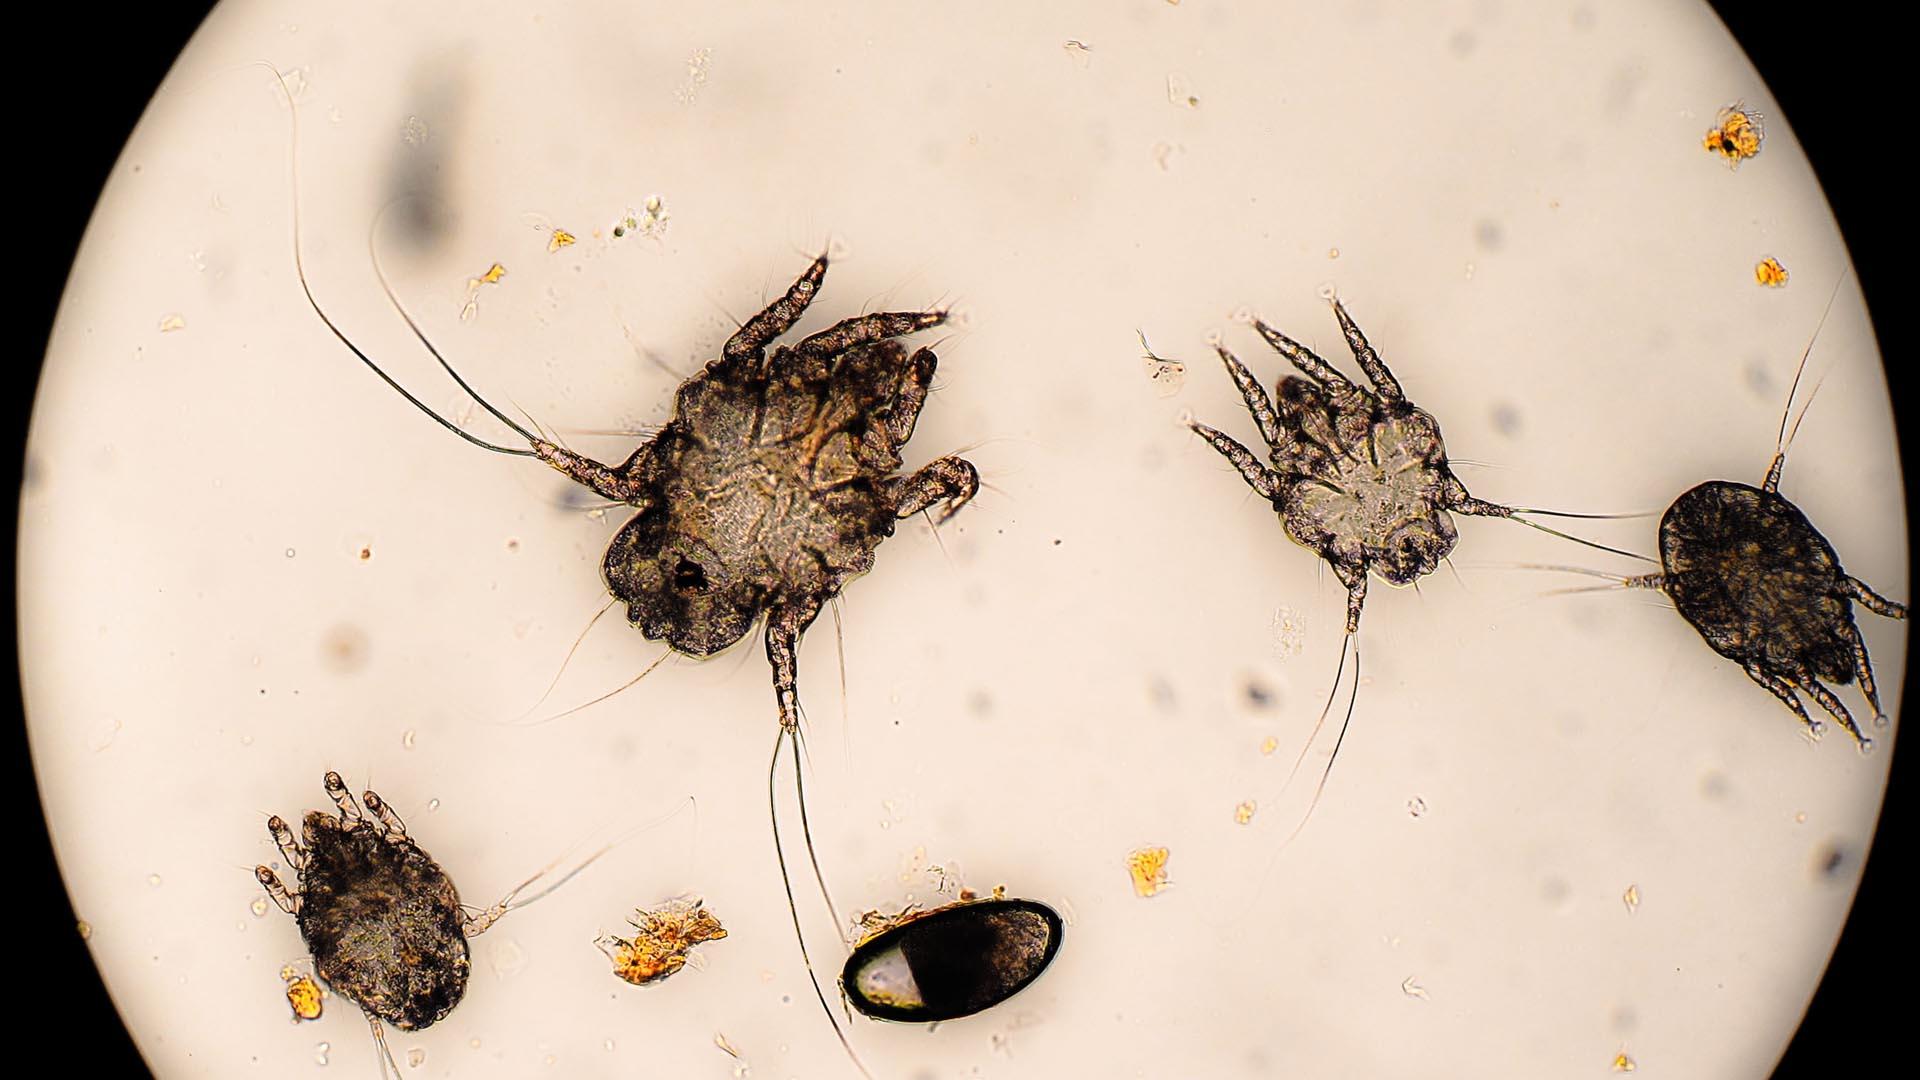 La presencia de estos parásitos al momento de dormir puede traer complicaciones al sistema respiratorio